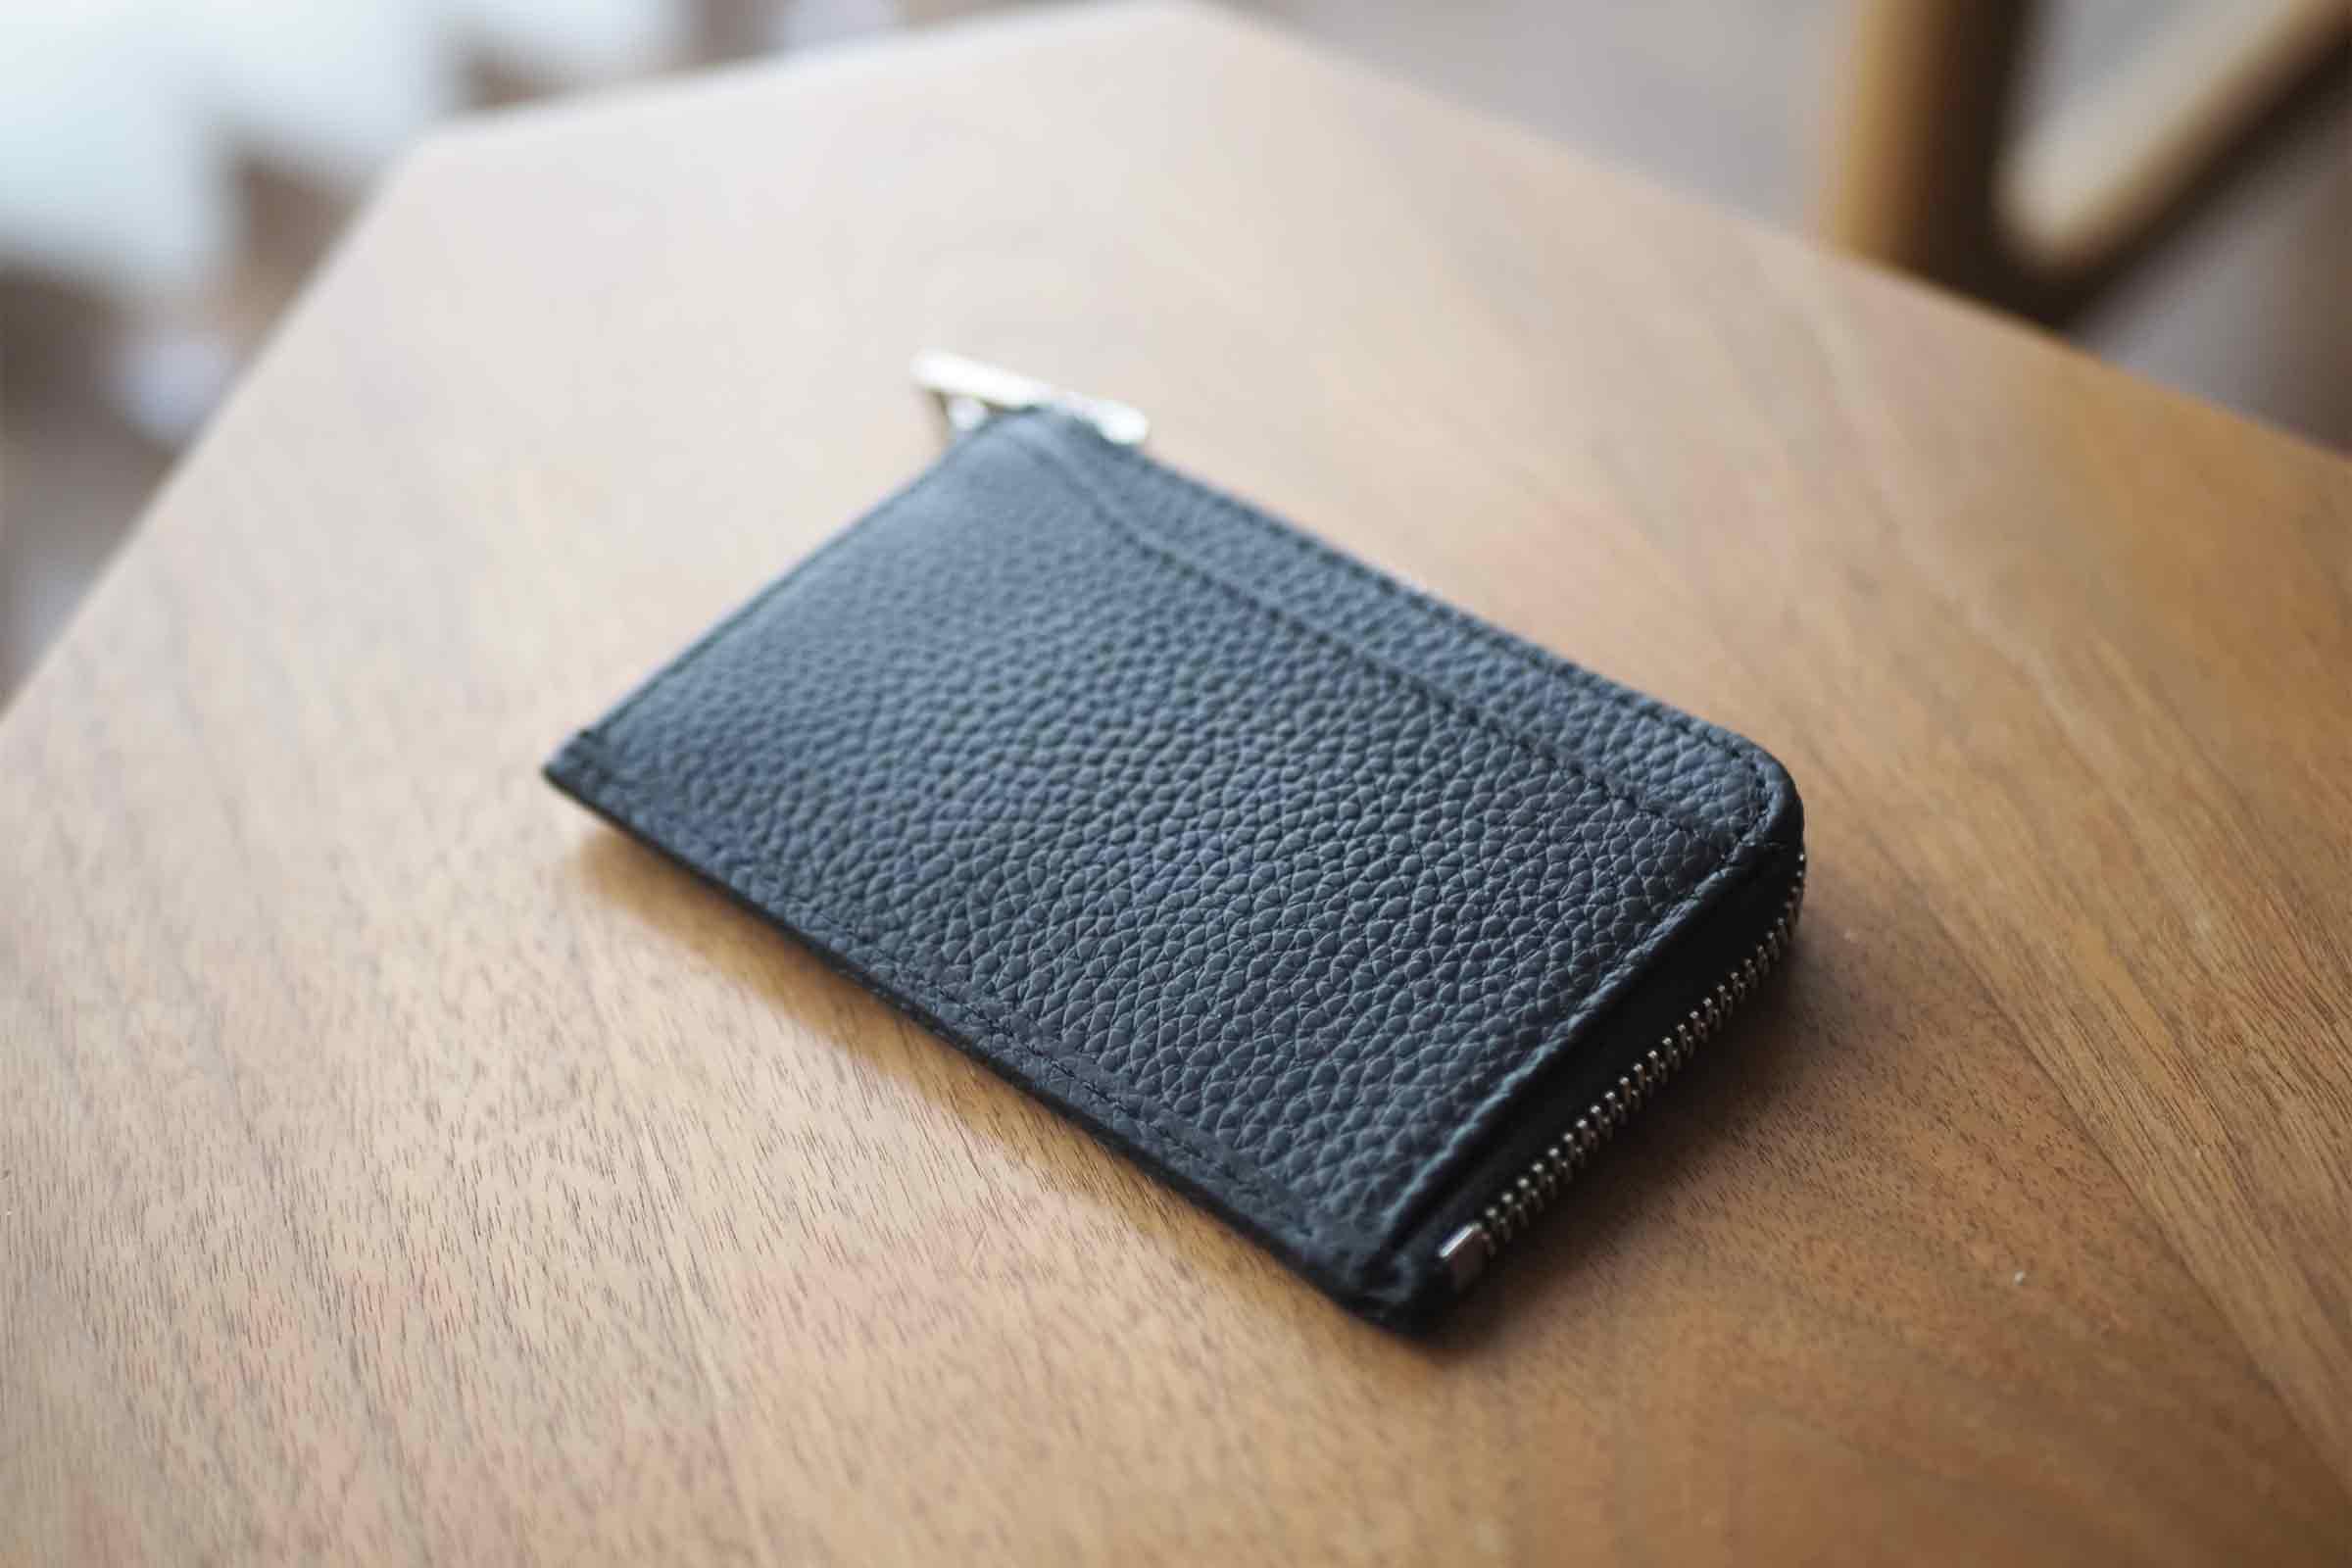 ミニ財布,リスキーモデル,risky,コンパクト,小さい,安い,コスパ,お洒落